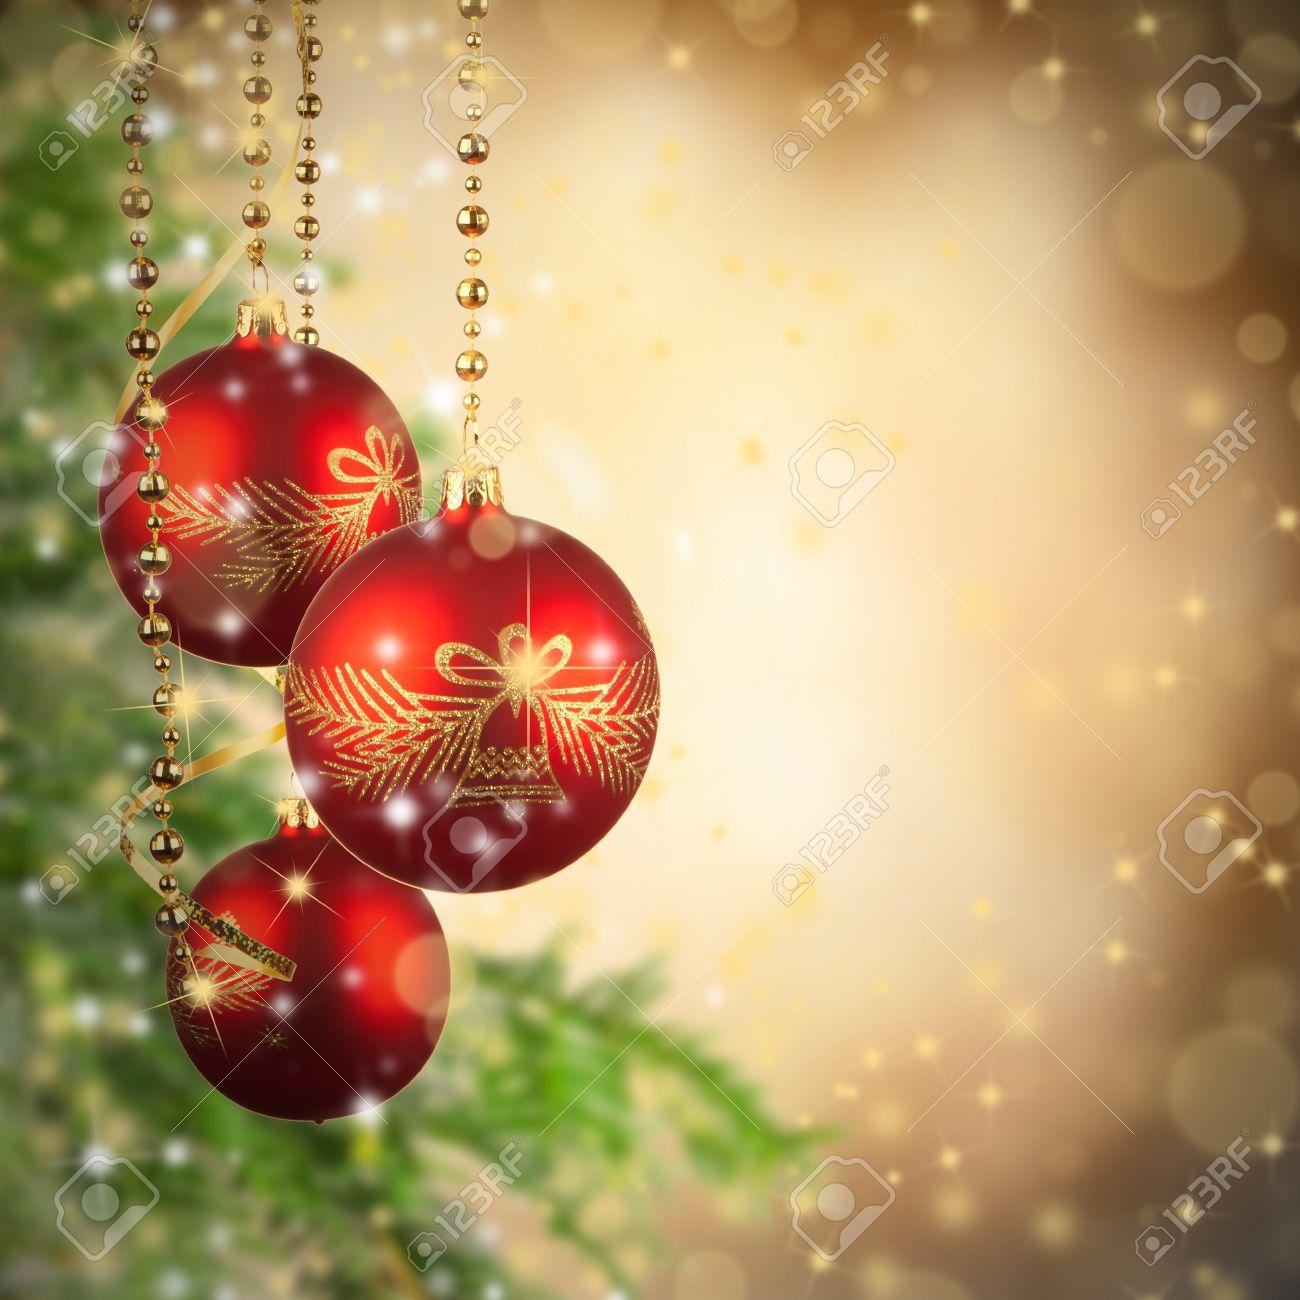 Weihnachtsmotive Zum Kopieren.Stock Photo